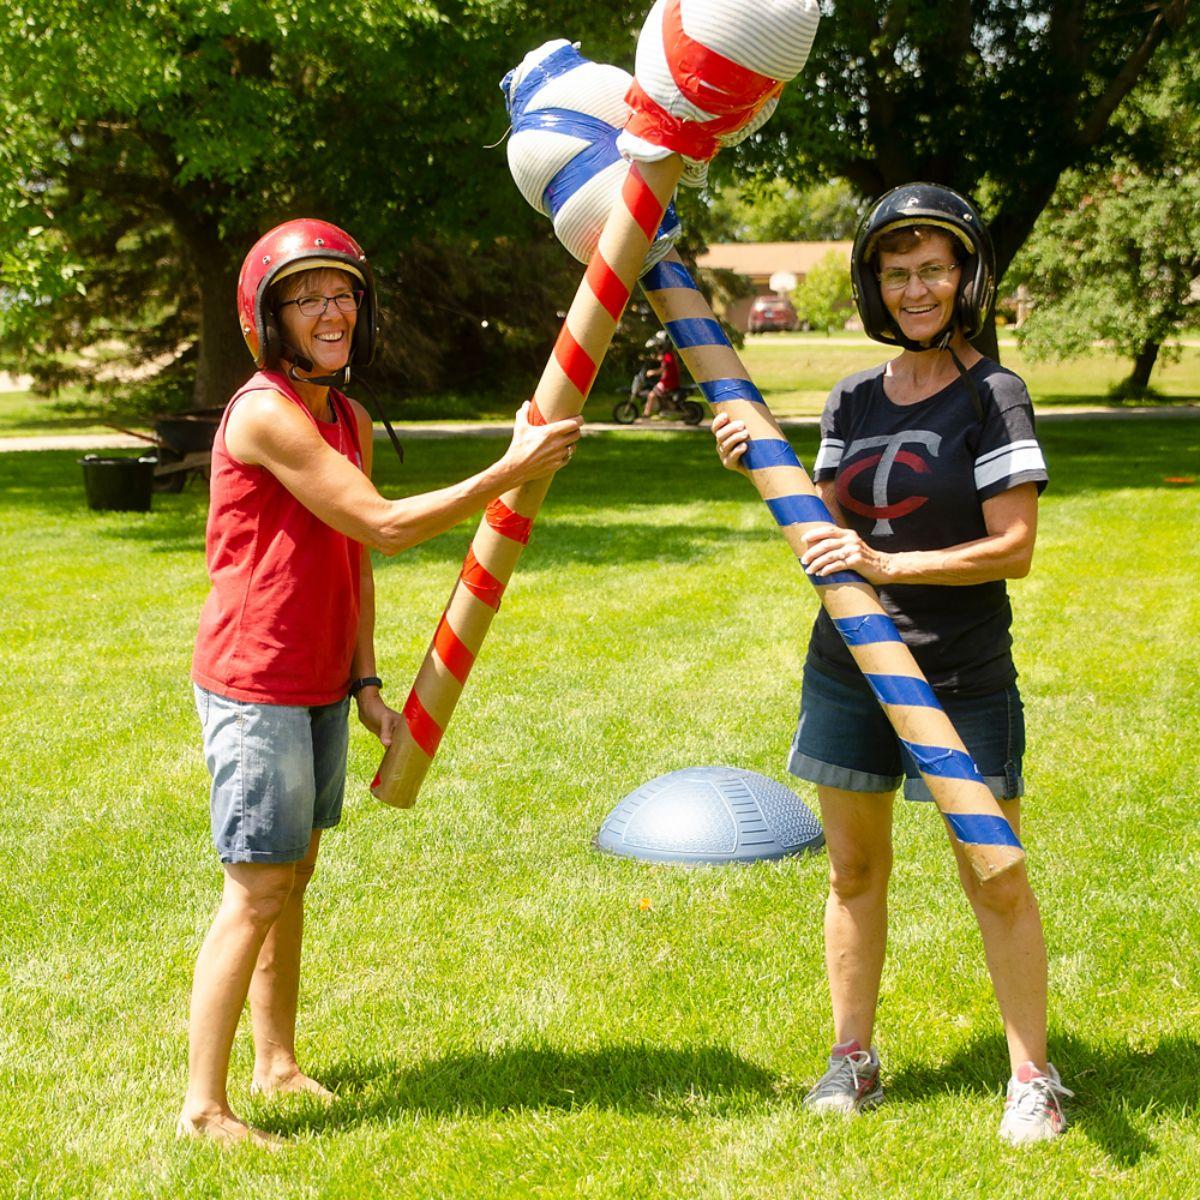 two women in crash helmets hold giant jousting sticks